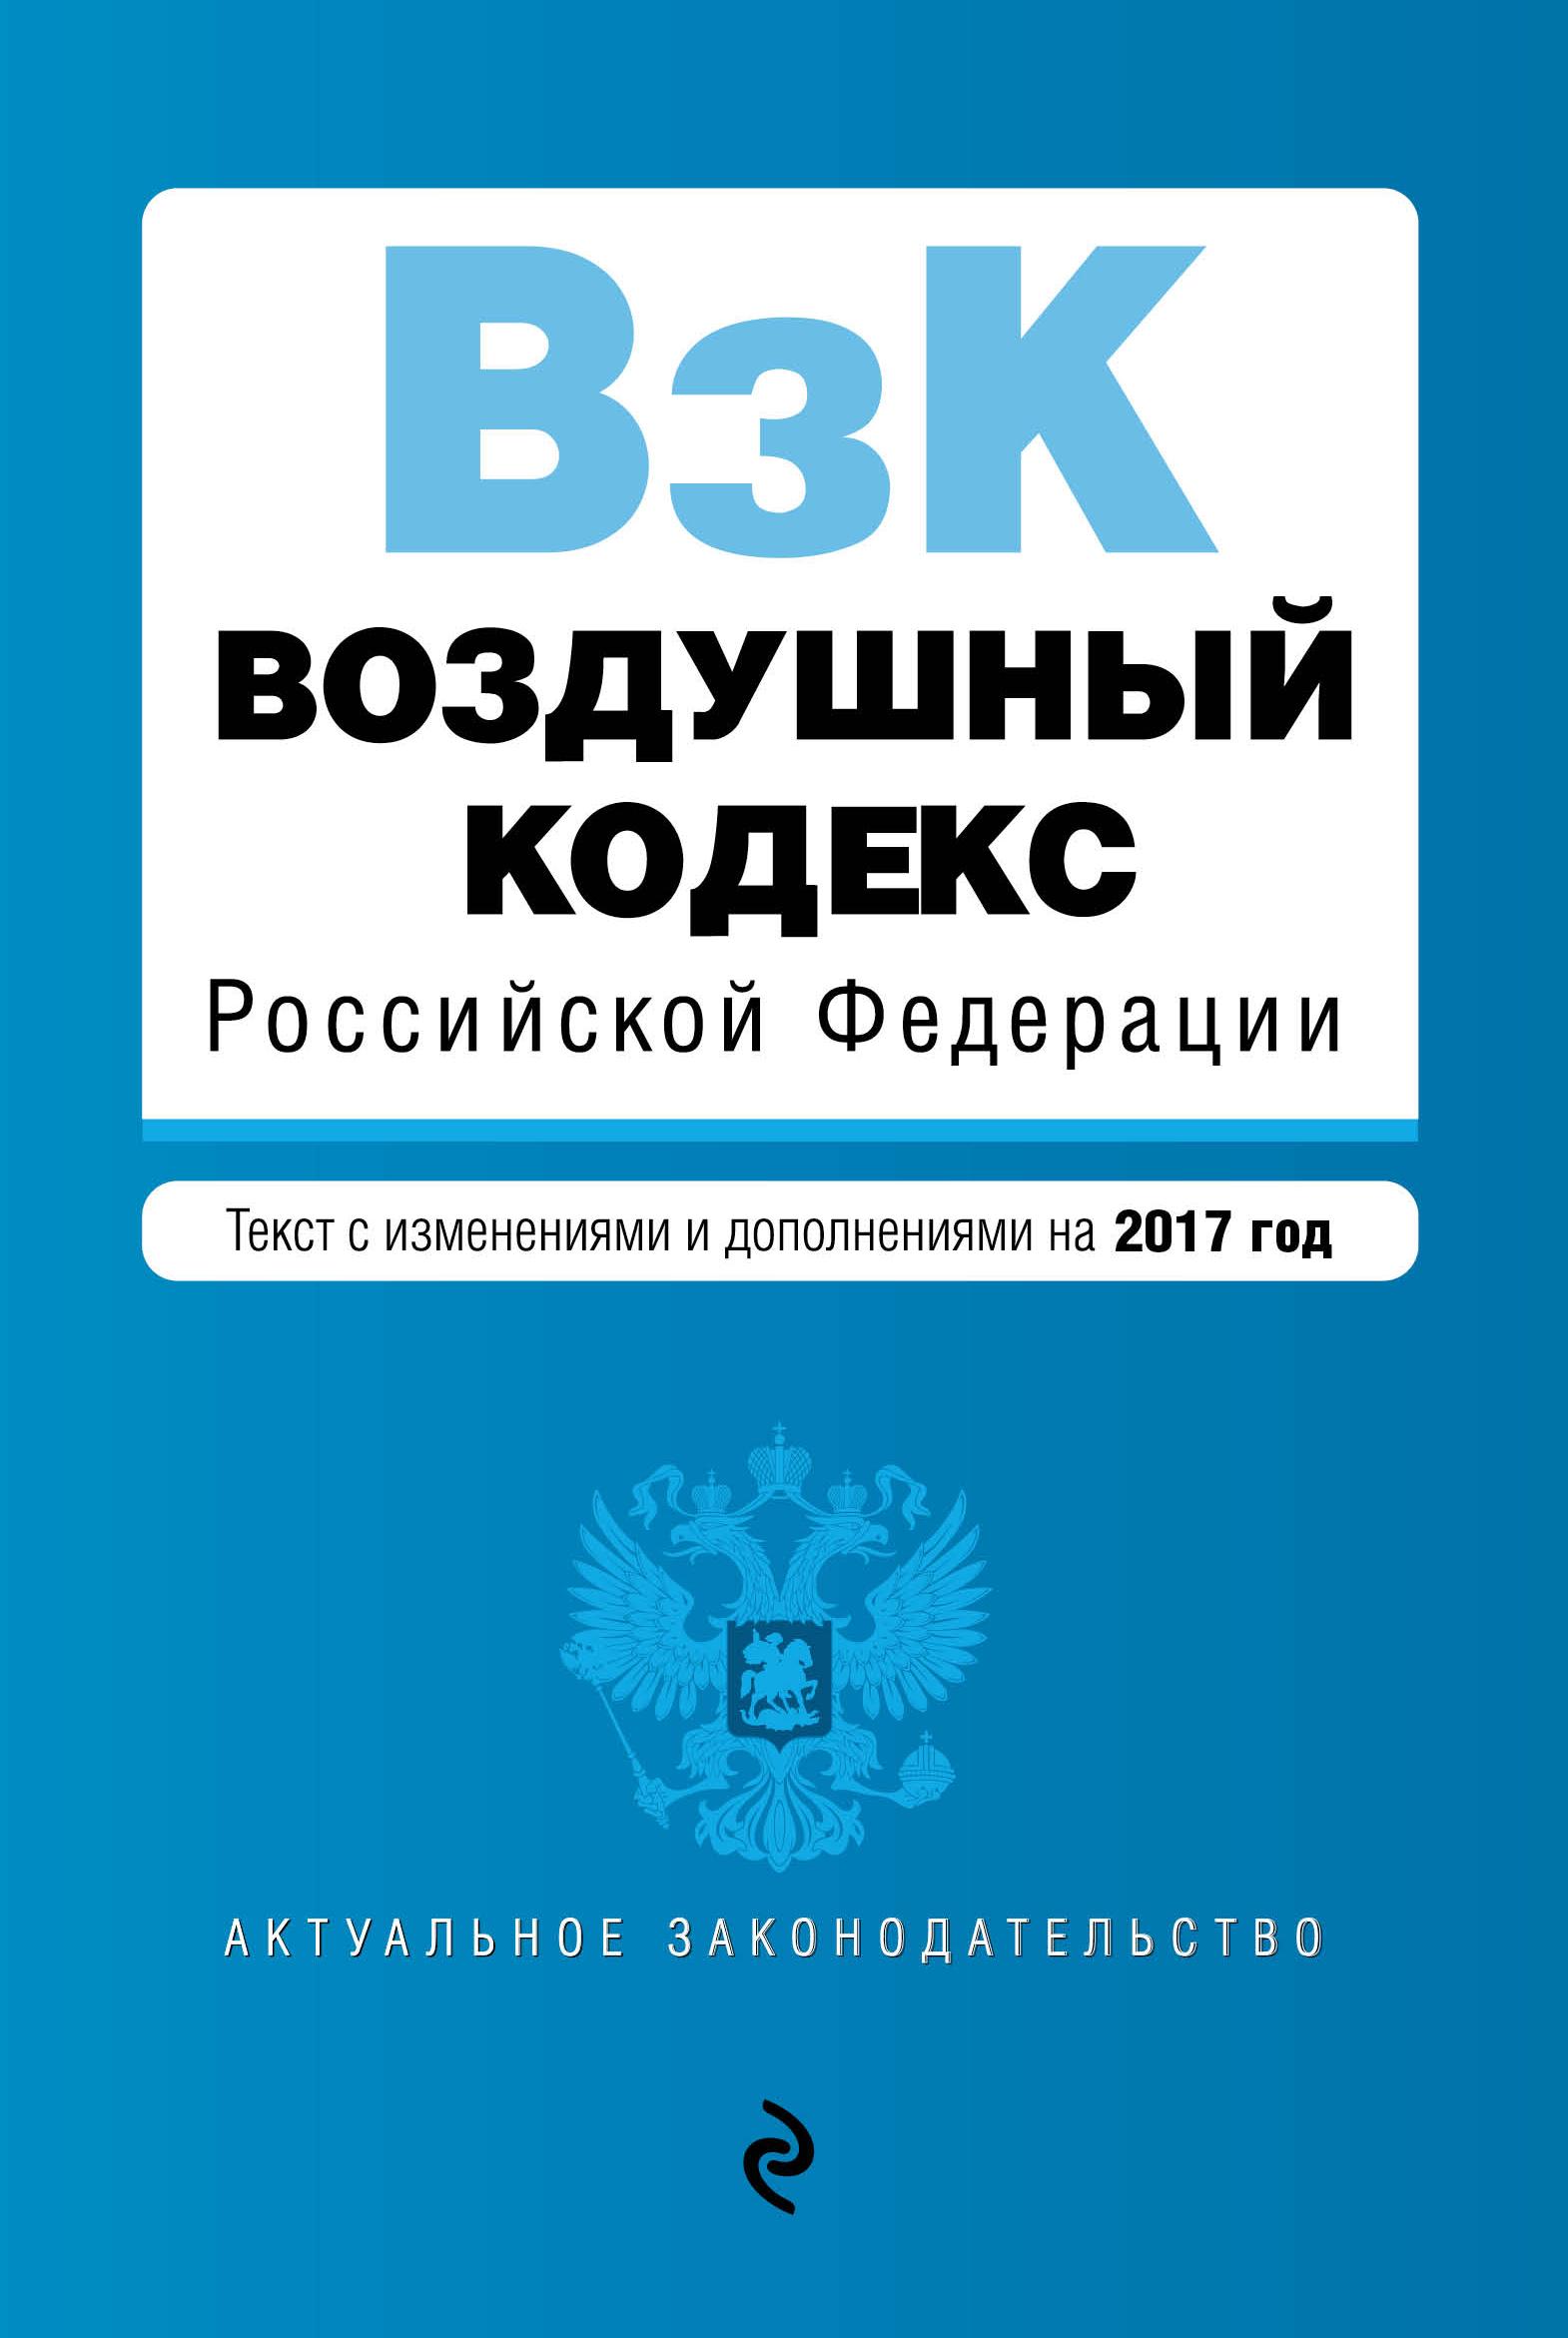 Воздушный кодекс Российской Федерации з н ижаева und а и горбачев государственное регулирование здравоохранения